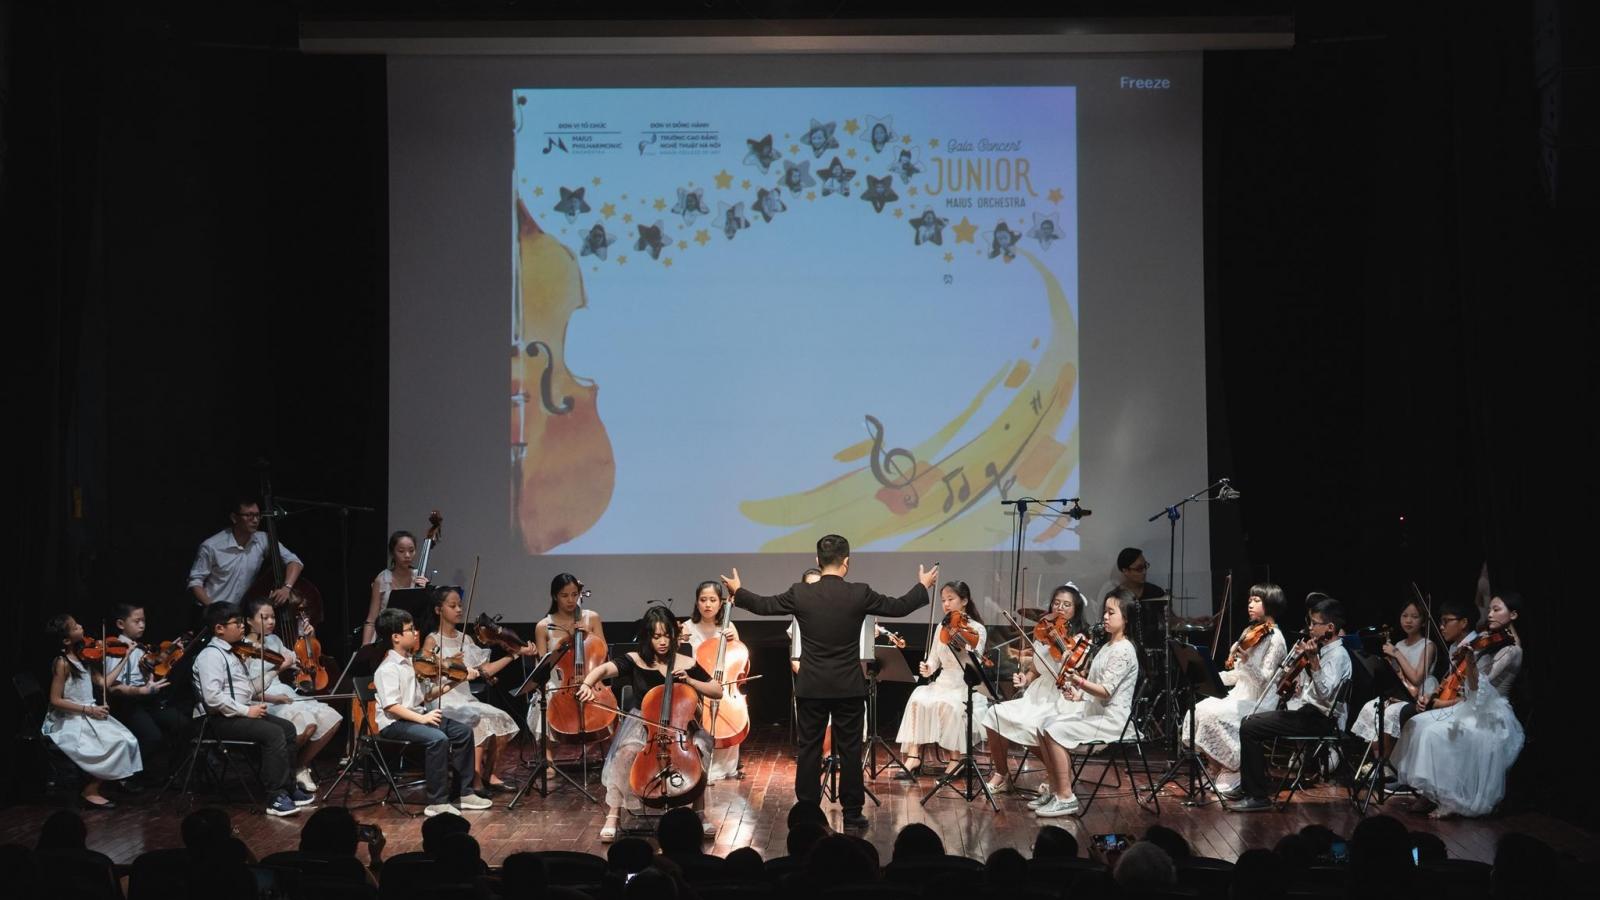 Dàn nhạc Giao hưởng nhí đầu tiên của Việt Nam biểu diễn gây quỹ ủng hộ miền Trung